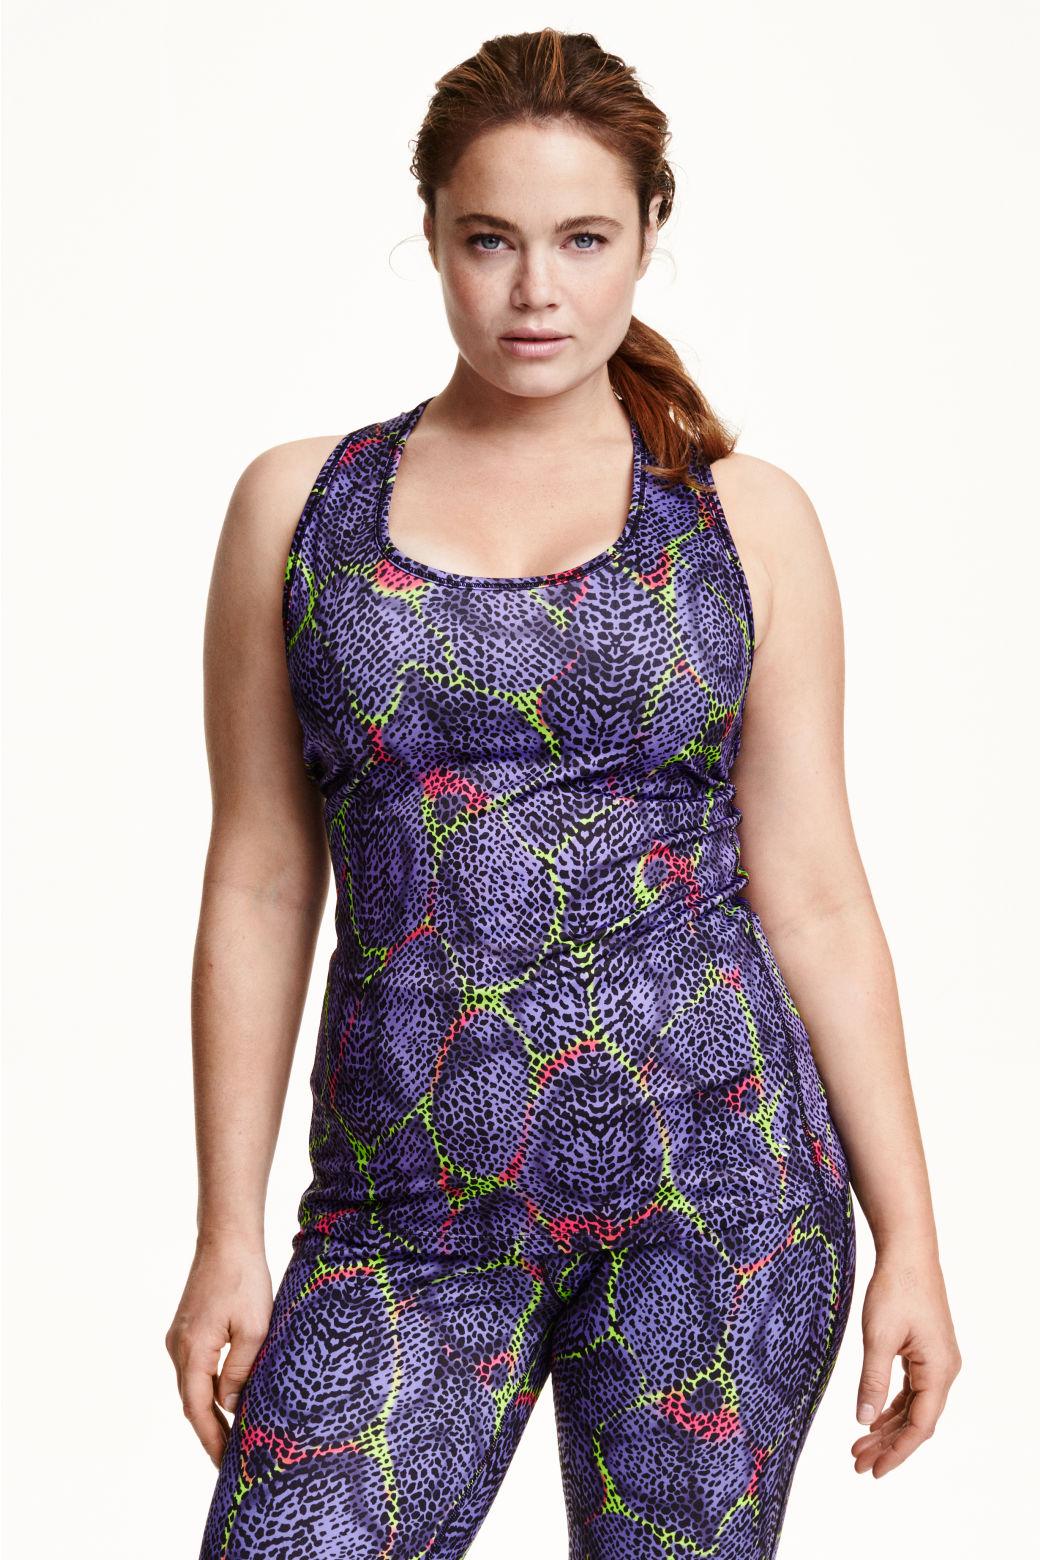 sportmode h m. Black Bedroom Furniture Sets. Home Design Ideas